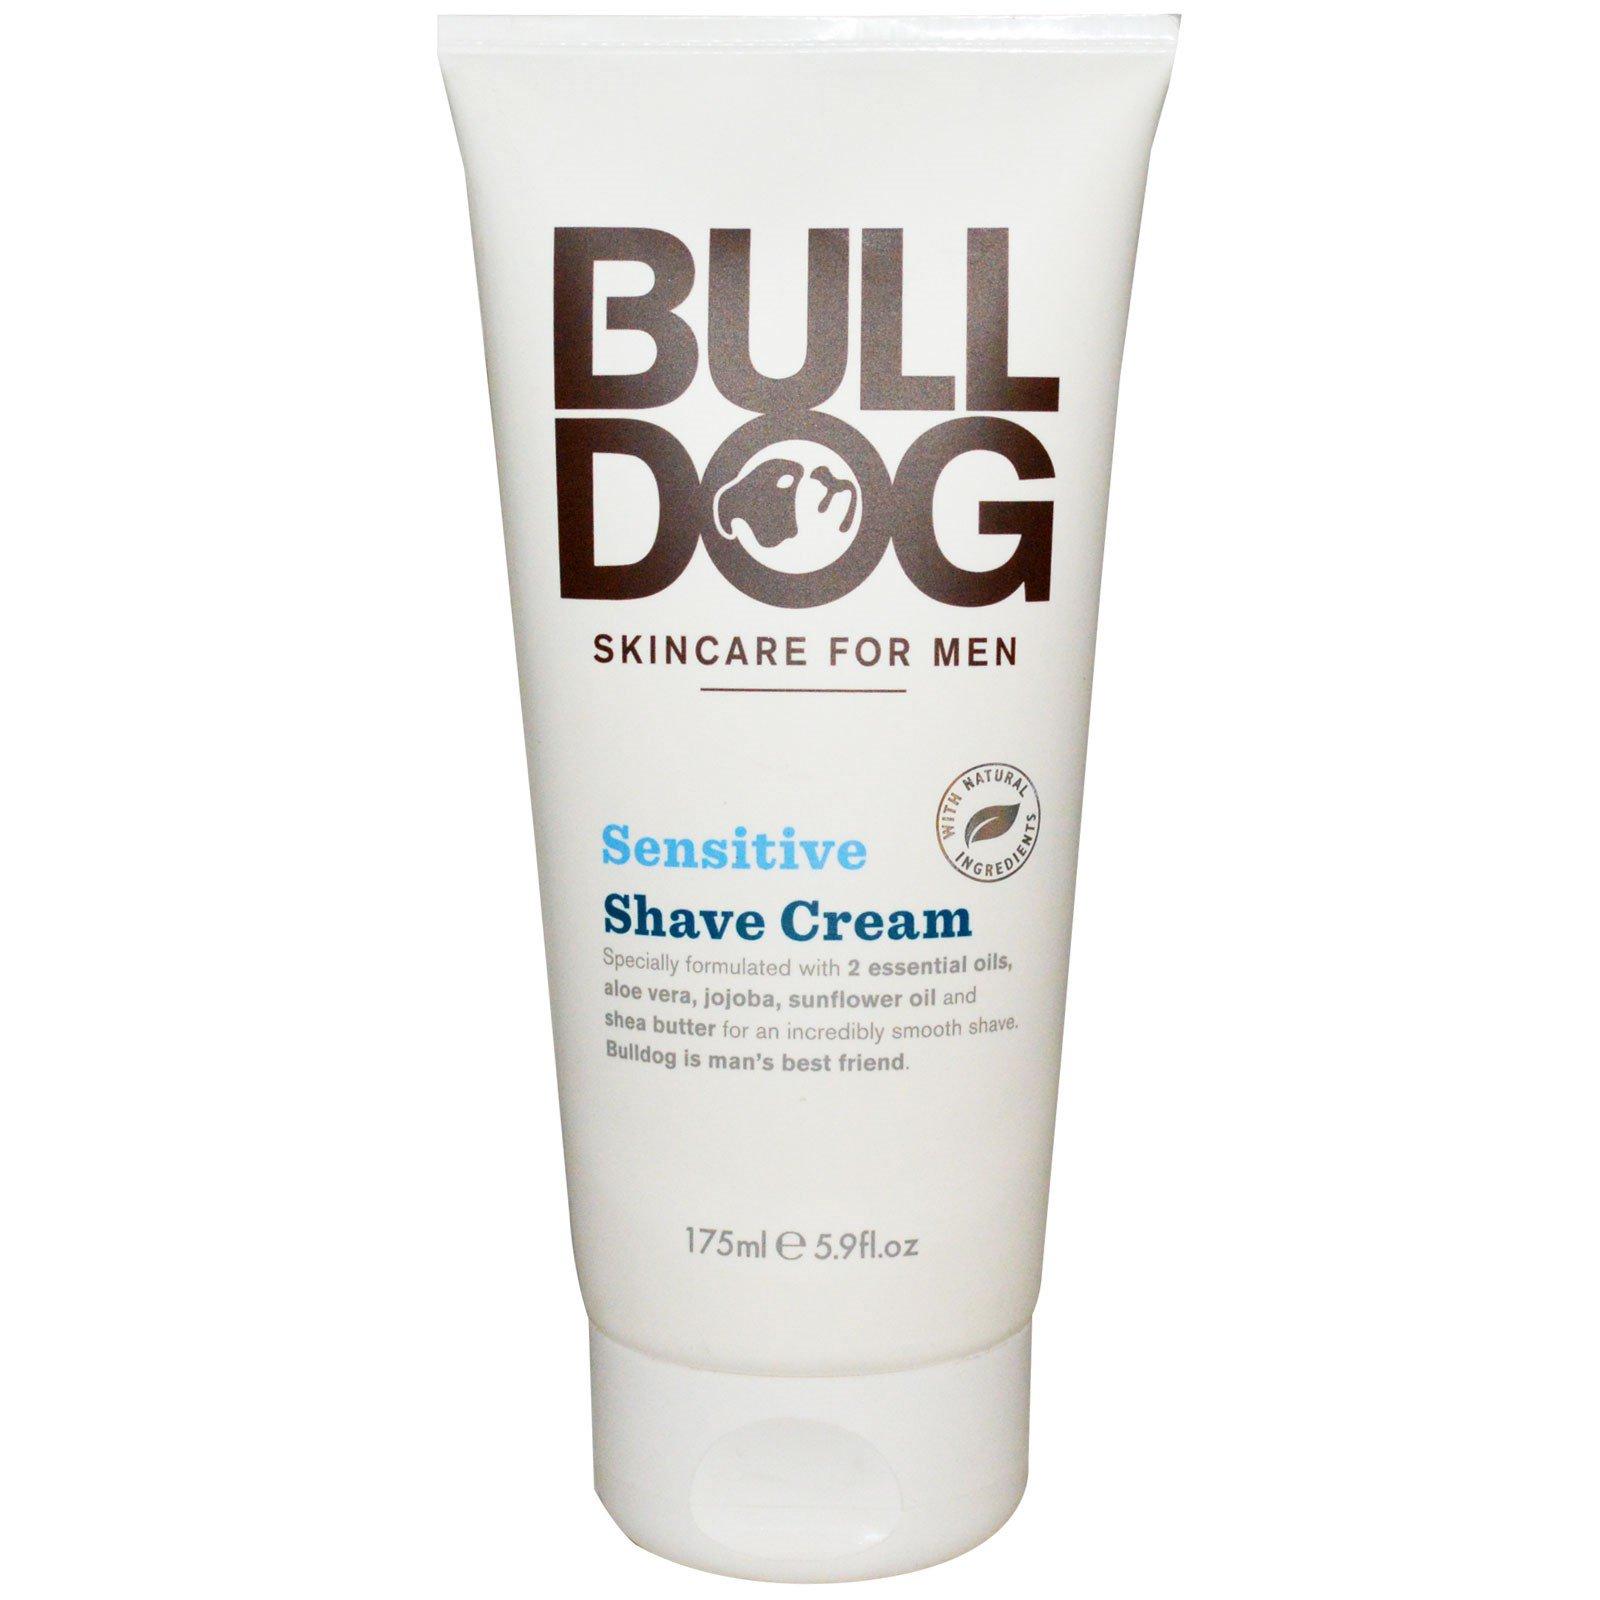 Bulldog Skincare For Men, Крем для бритья, для чувствительной кожи, 175 мл (5,9 жидких унций)